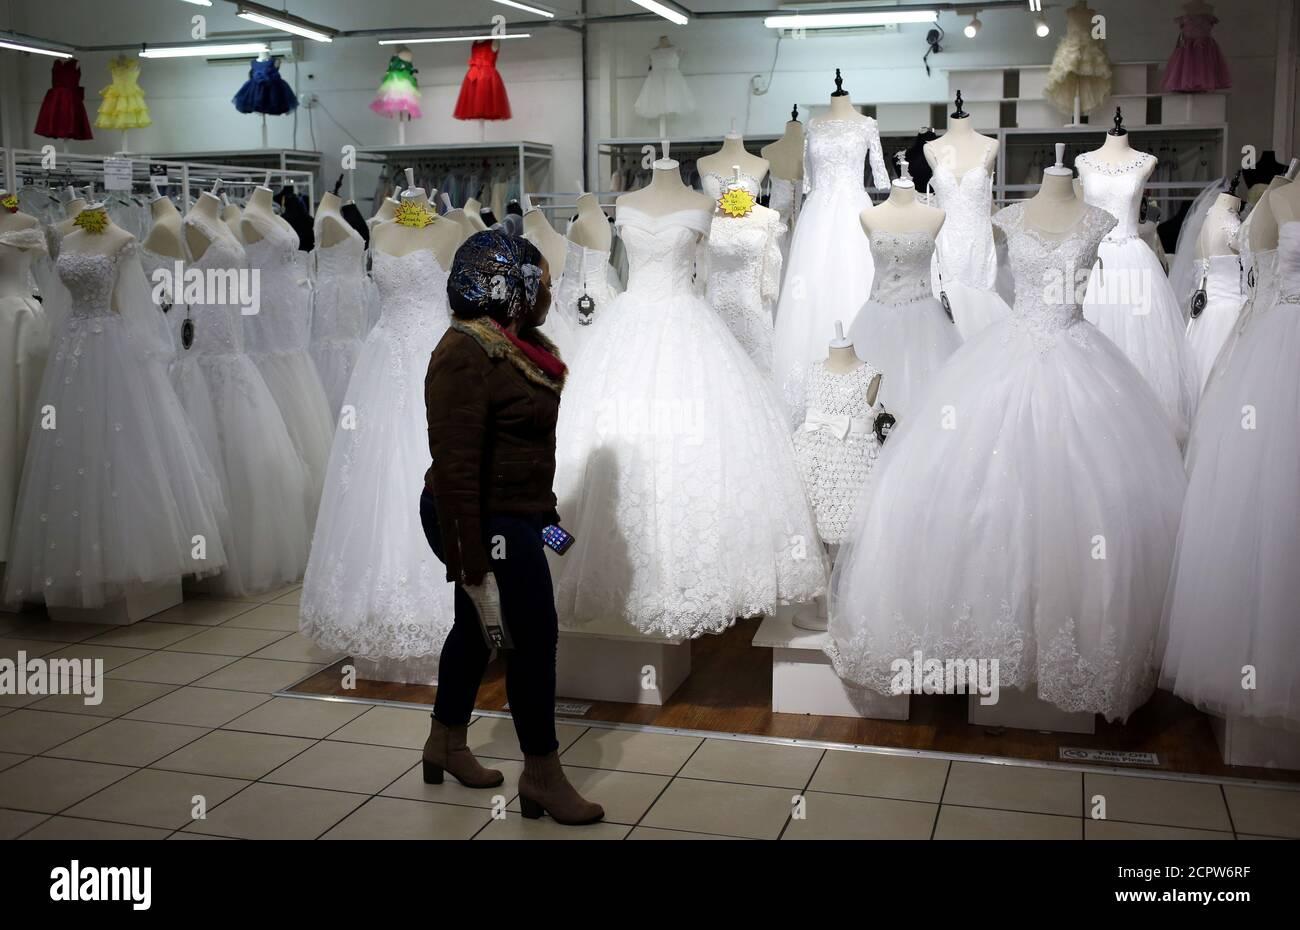 Un client passe devant des robes de mariée dans une boutique de mariée ih Johannesburg, Afrique du Sud le 14 mai 2018. REUTERS/Siphiwe Sibeko Banque D'Images